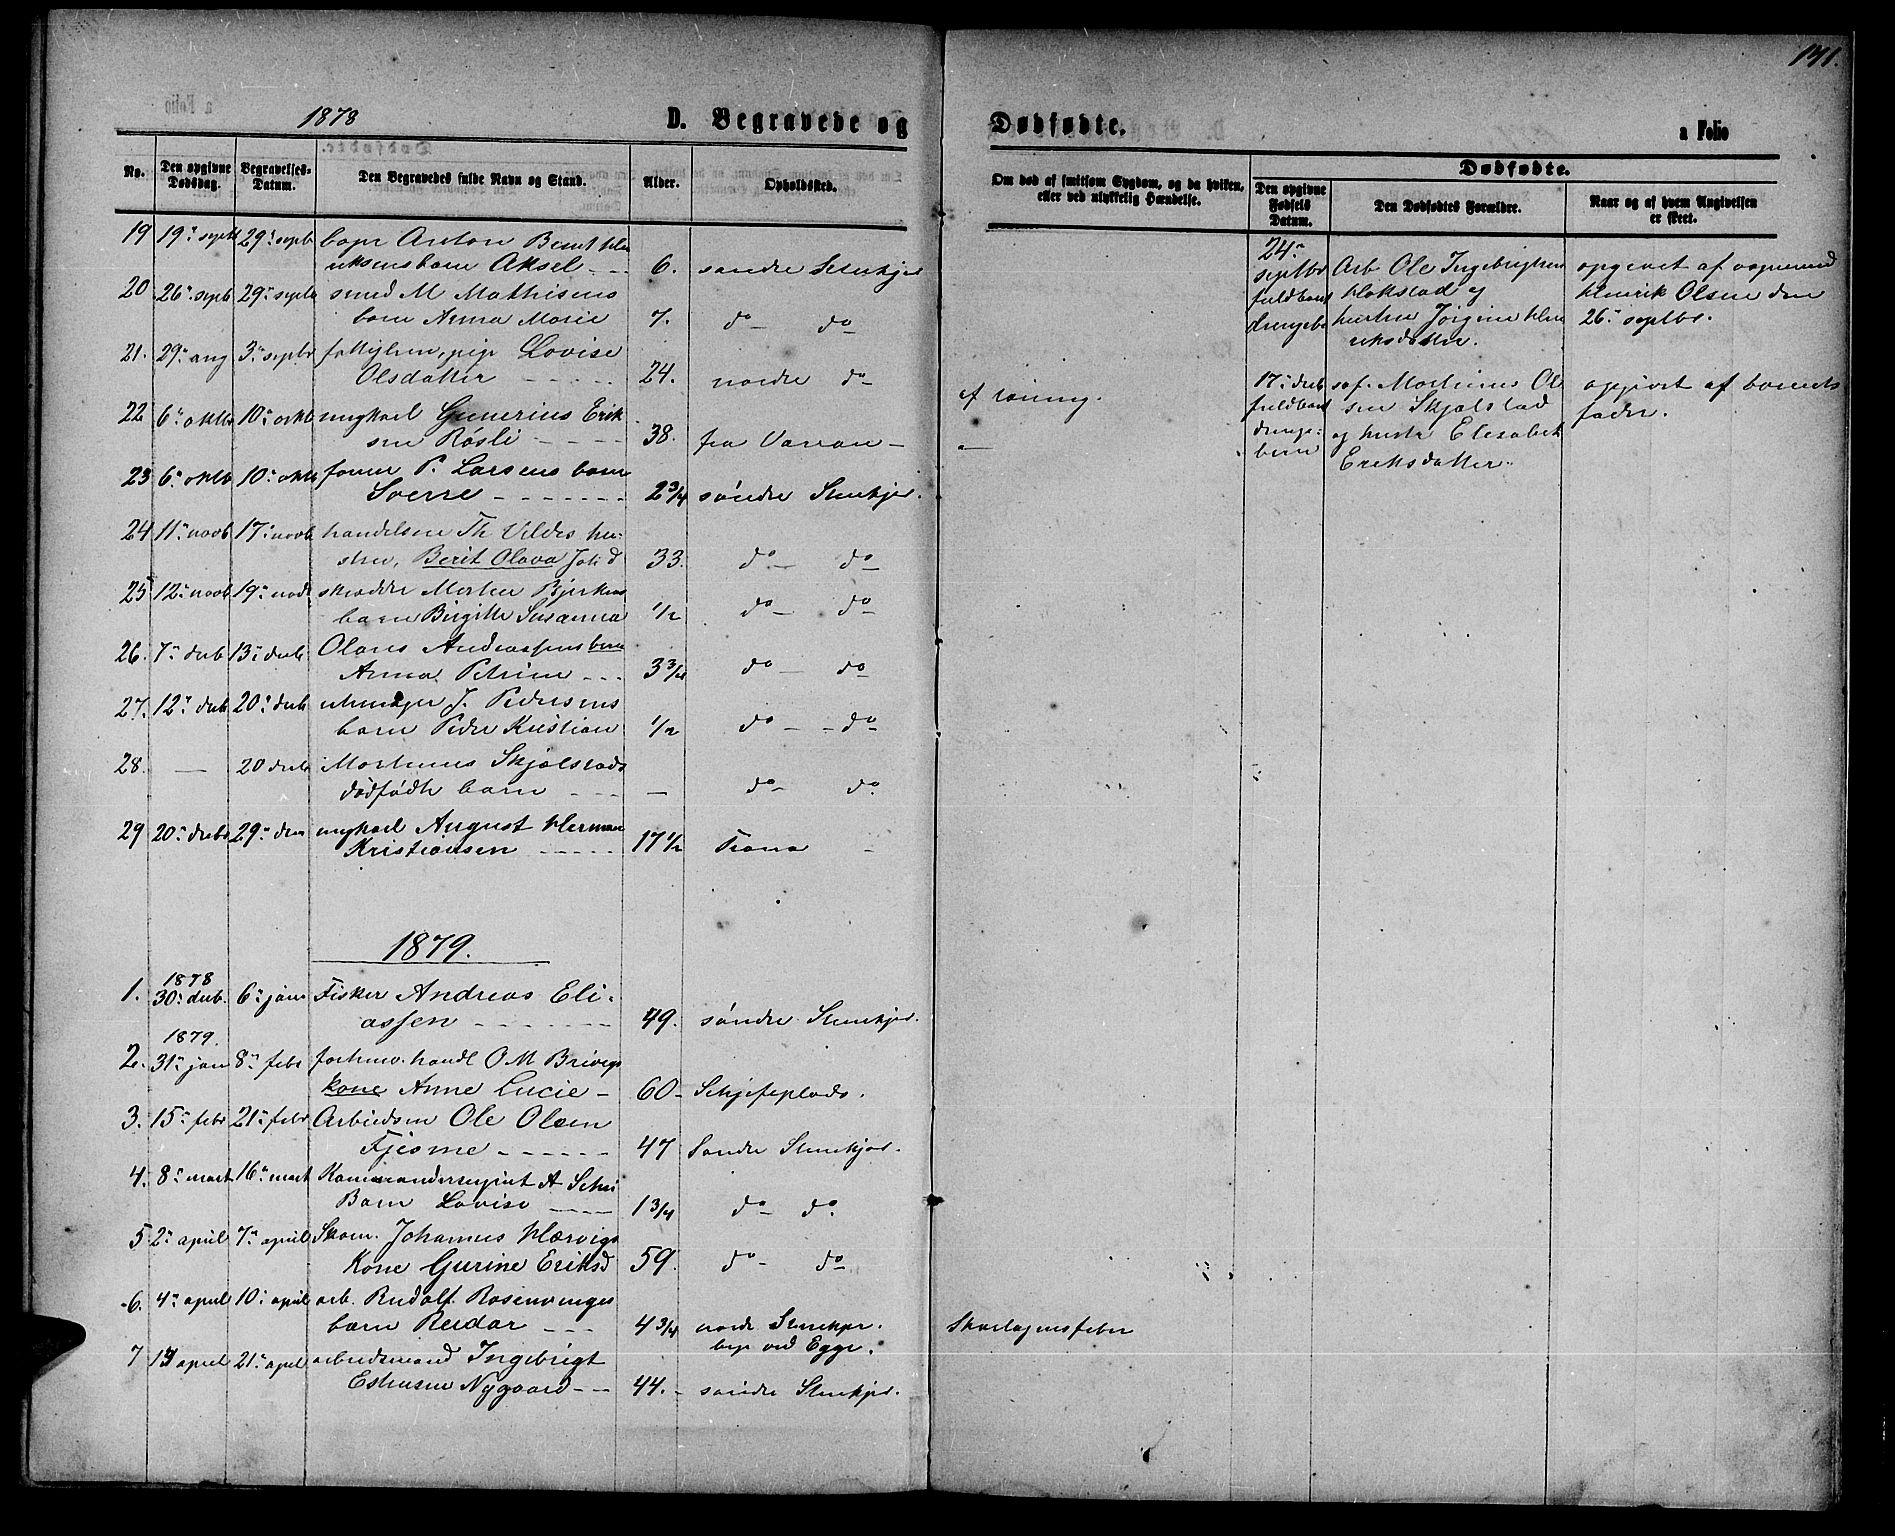 SAT, Ministerialprotokoller, klokkerbøker og fødselsregistre - Nord-Trøndelag, 739/L0373: Klokkerbok nr. 739C01, 1865-1882, s. 141